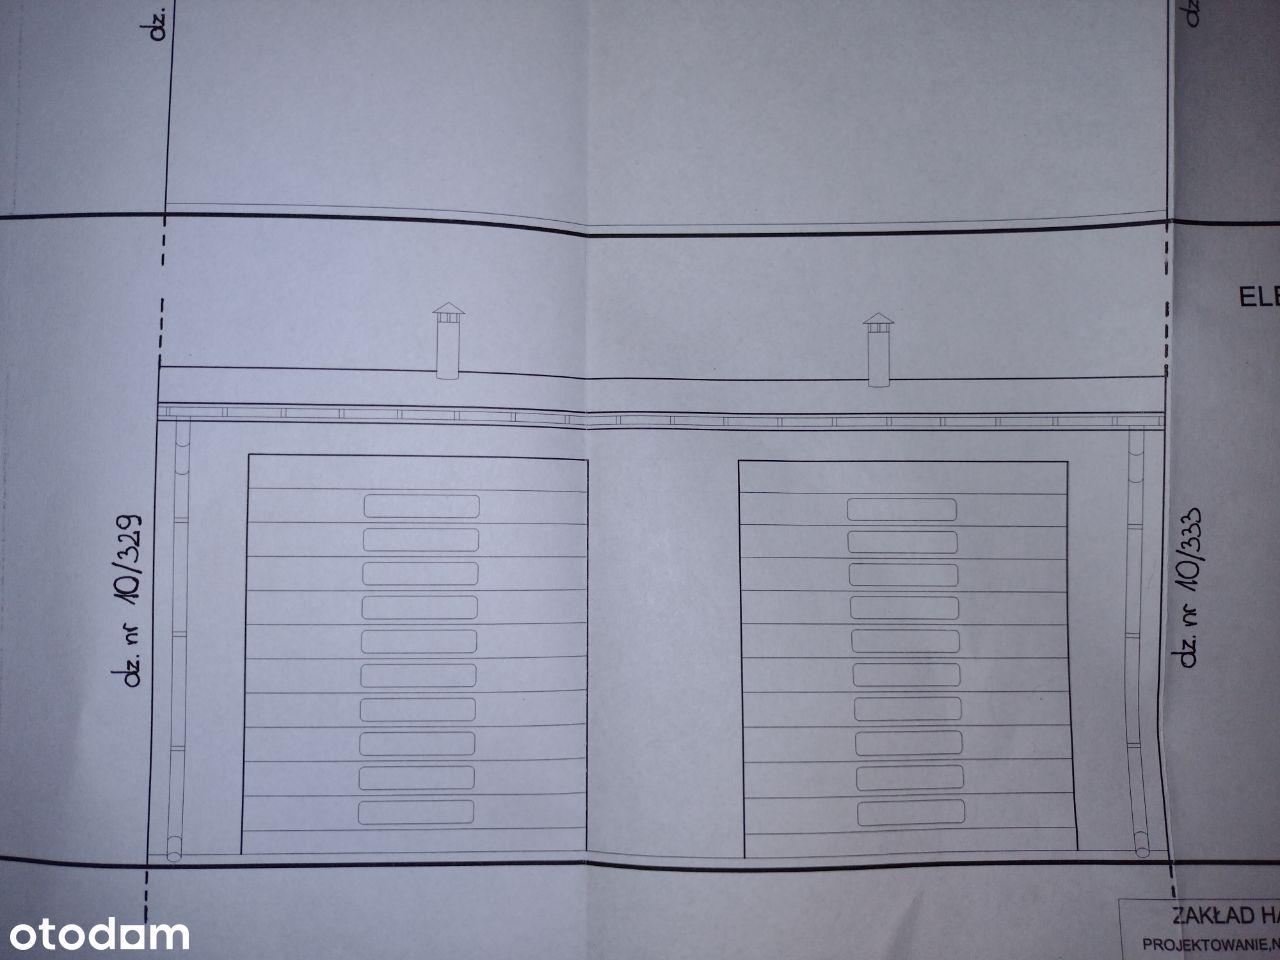 Działka pod budowę hali garażowej + pozwolenie